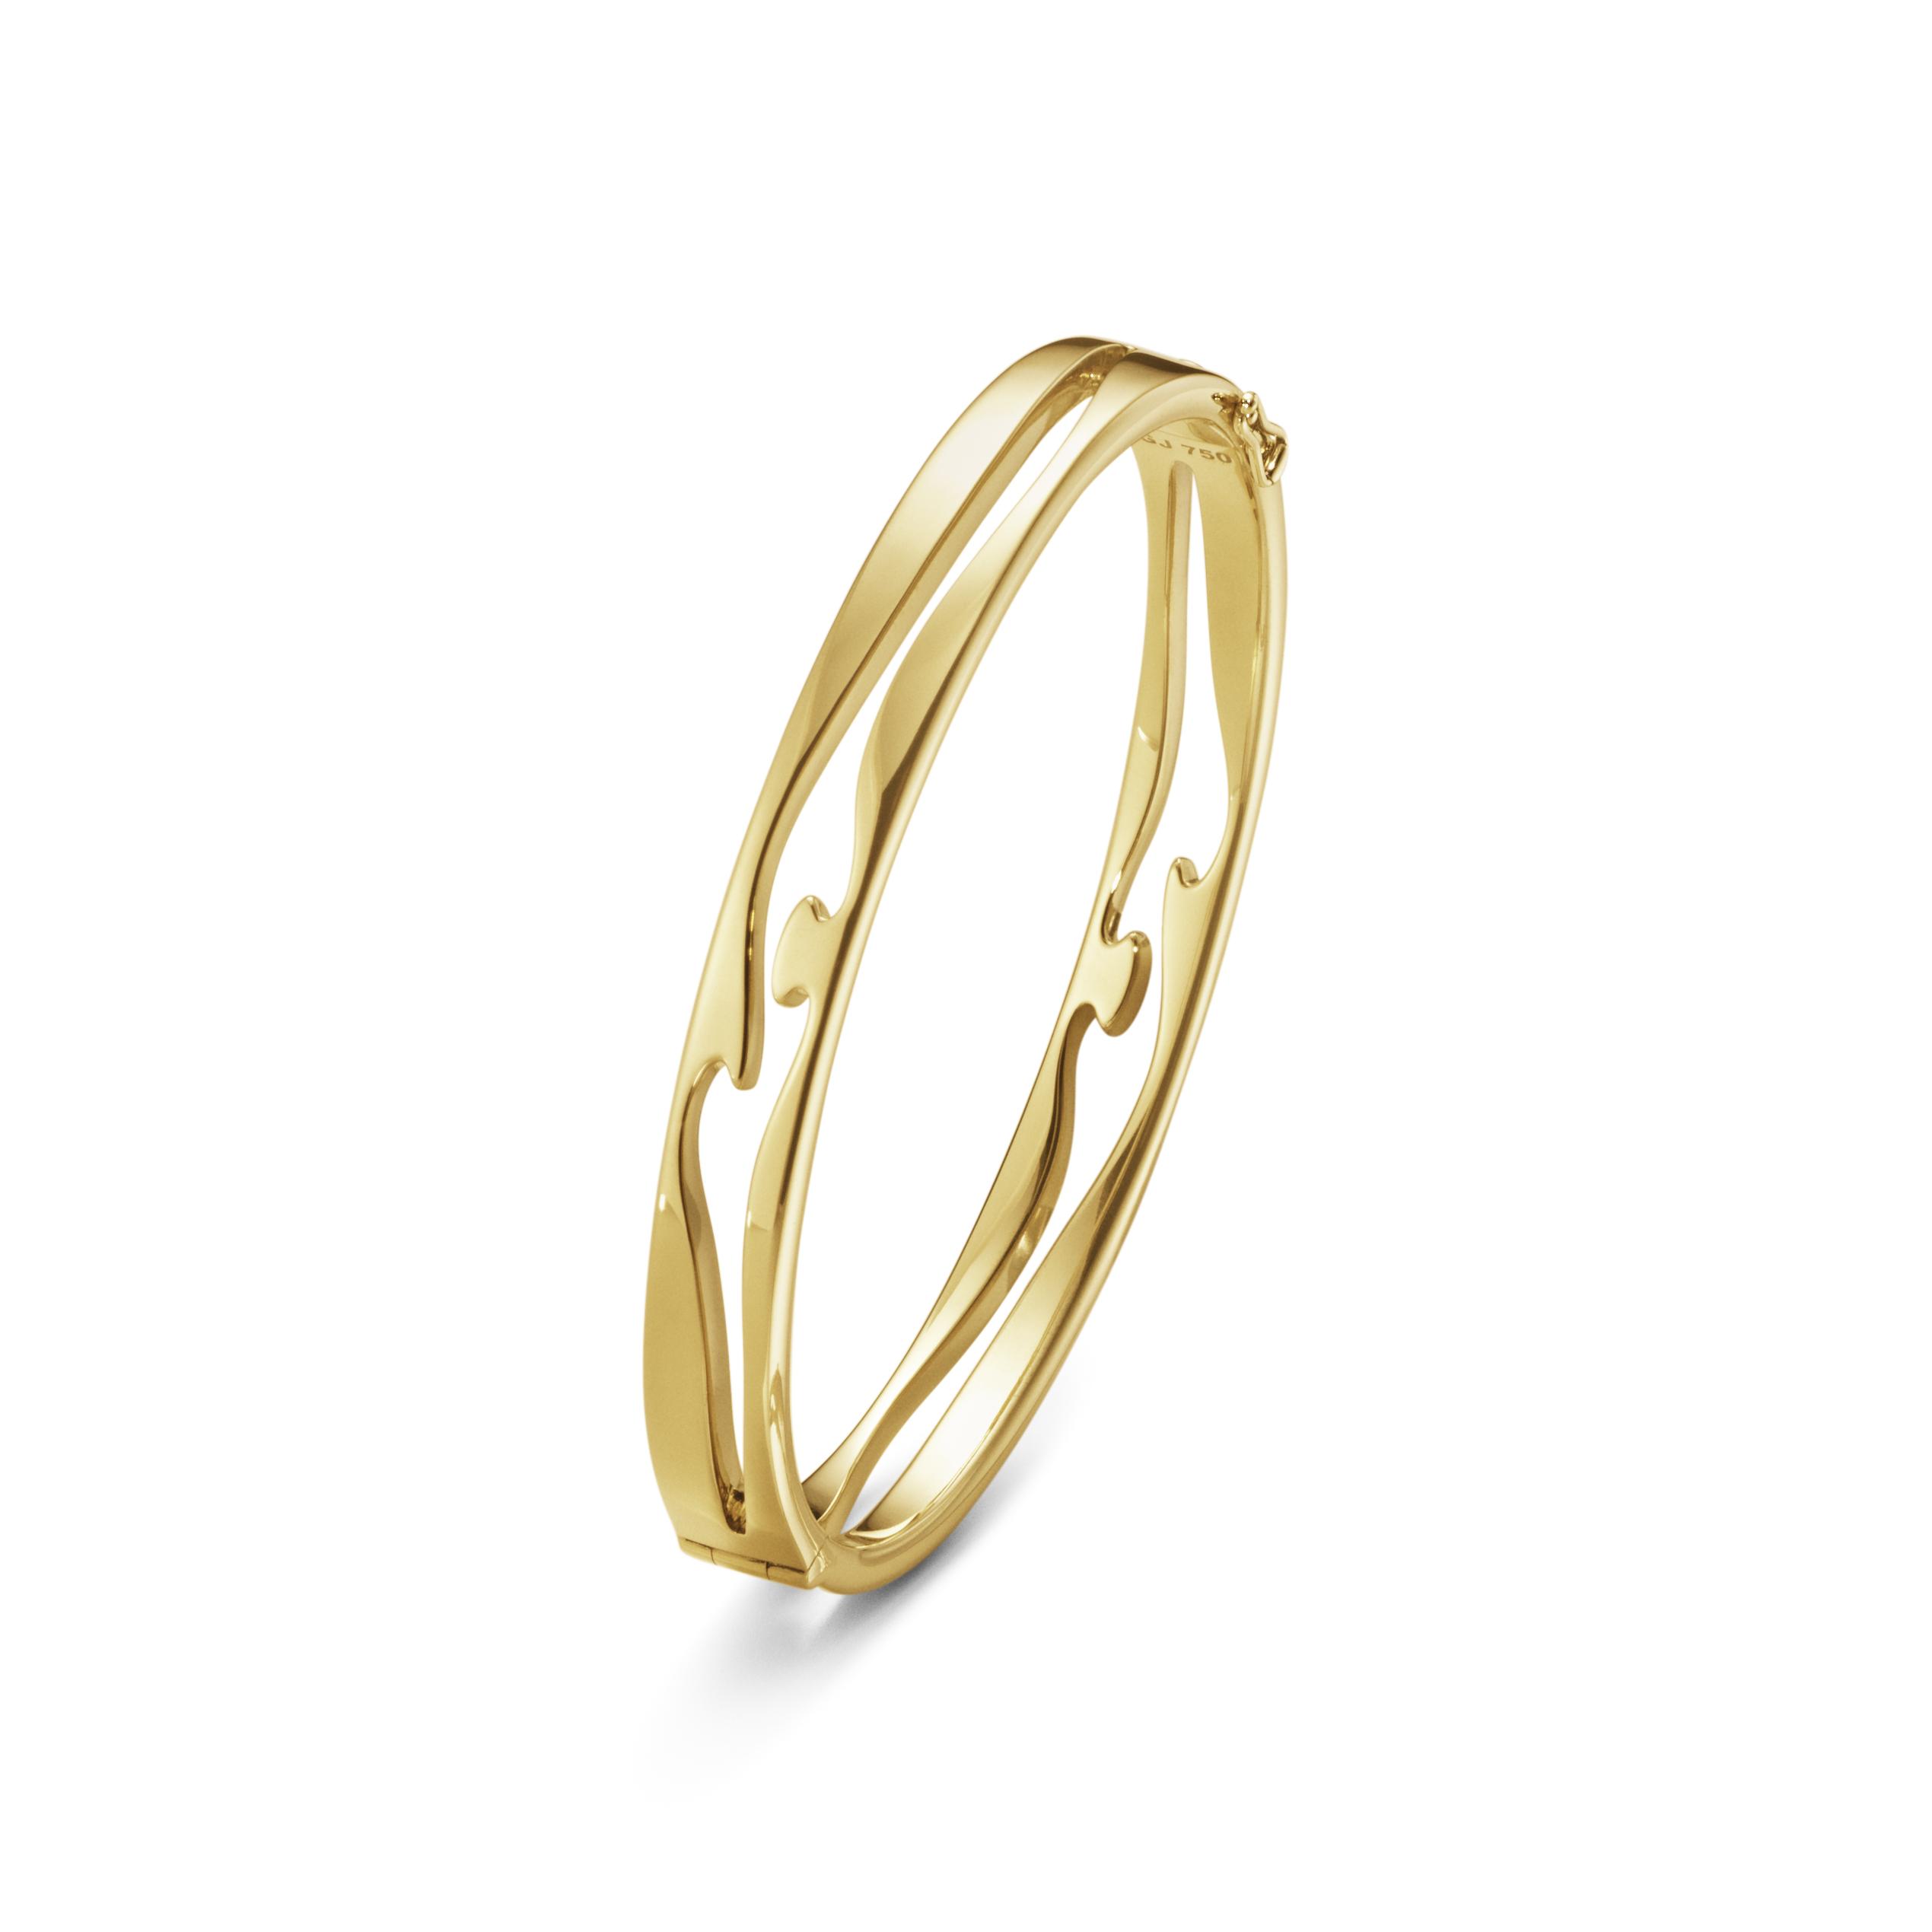 Georg Jensen FUSION åben armring guld - 10016440 Armring størrelse M